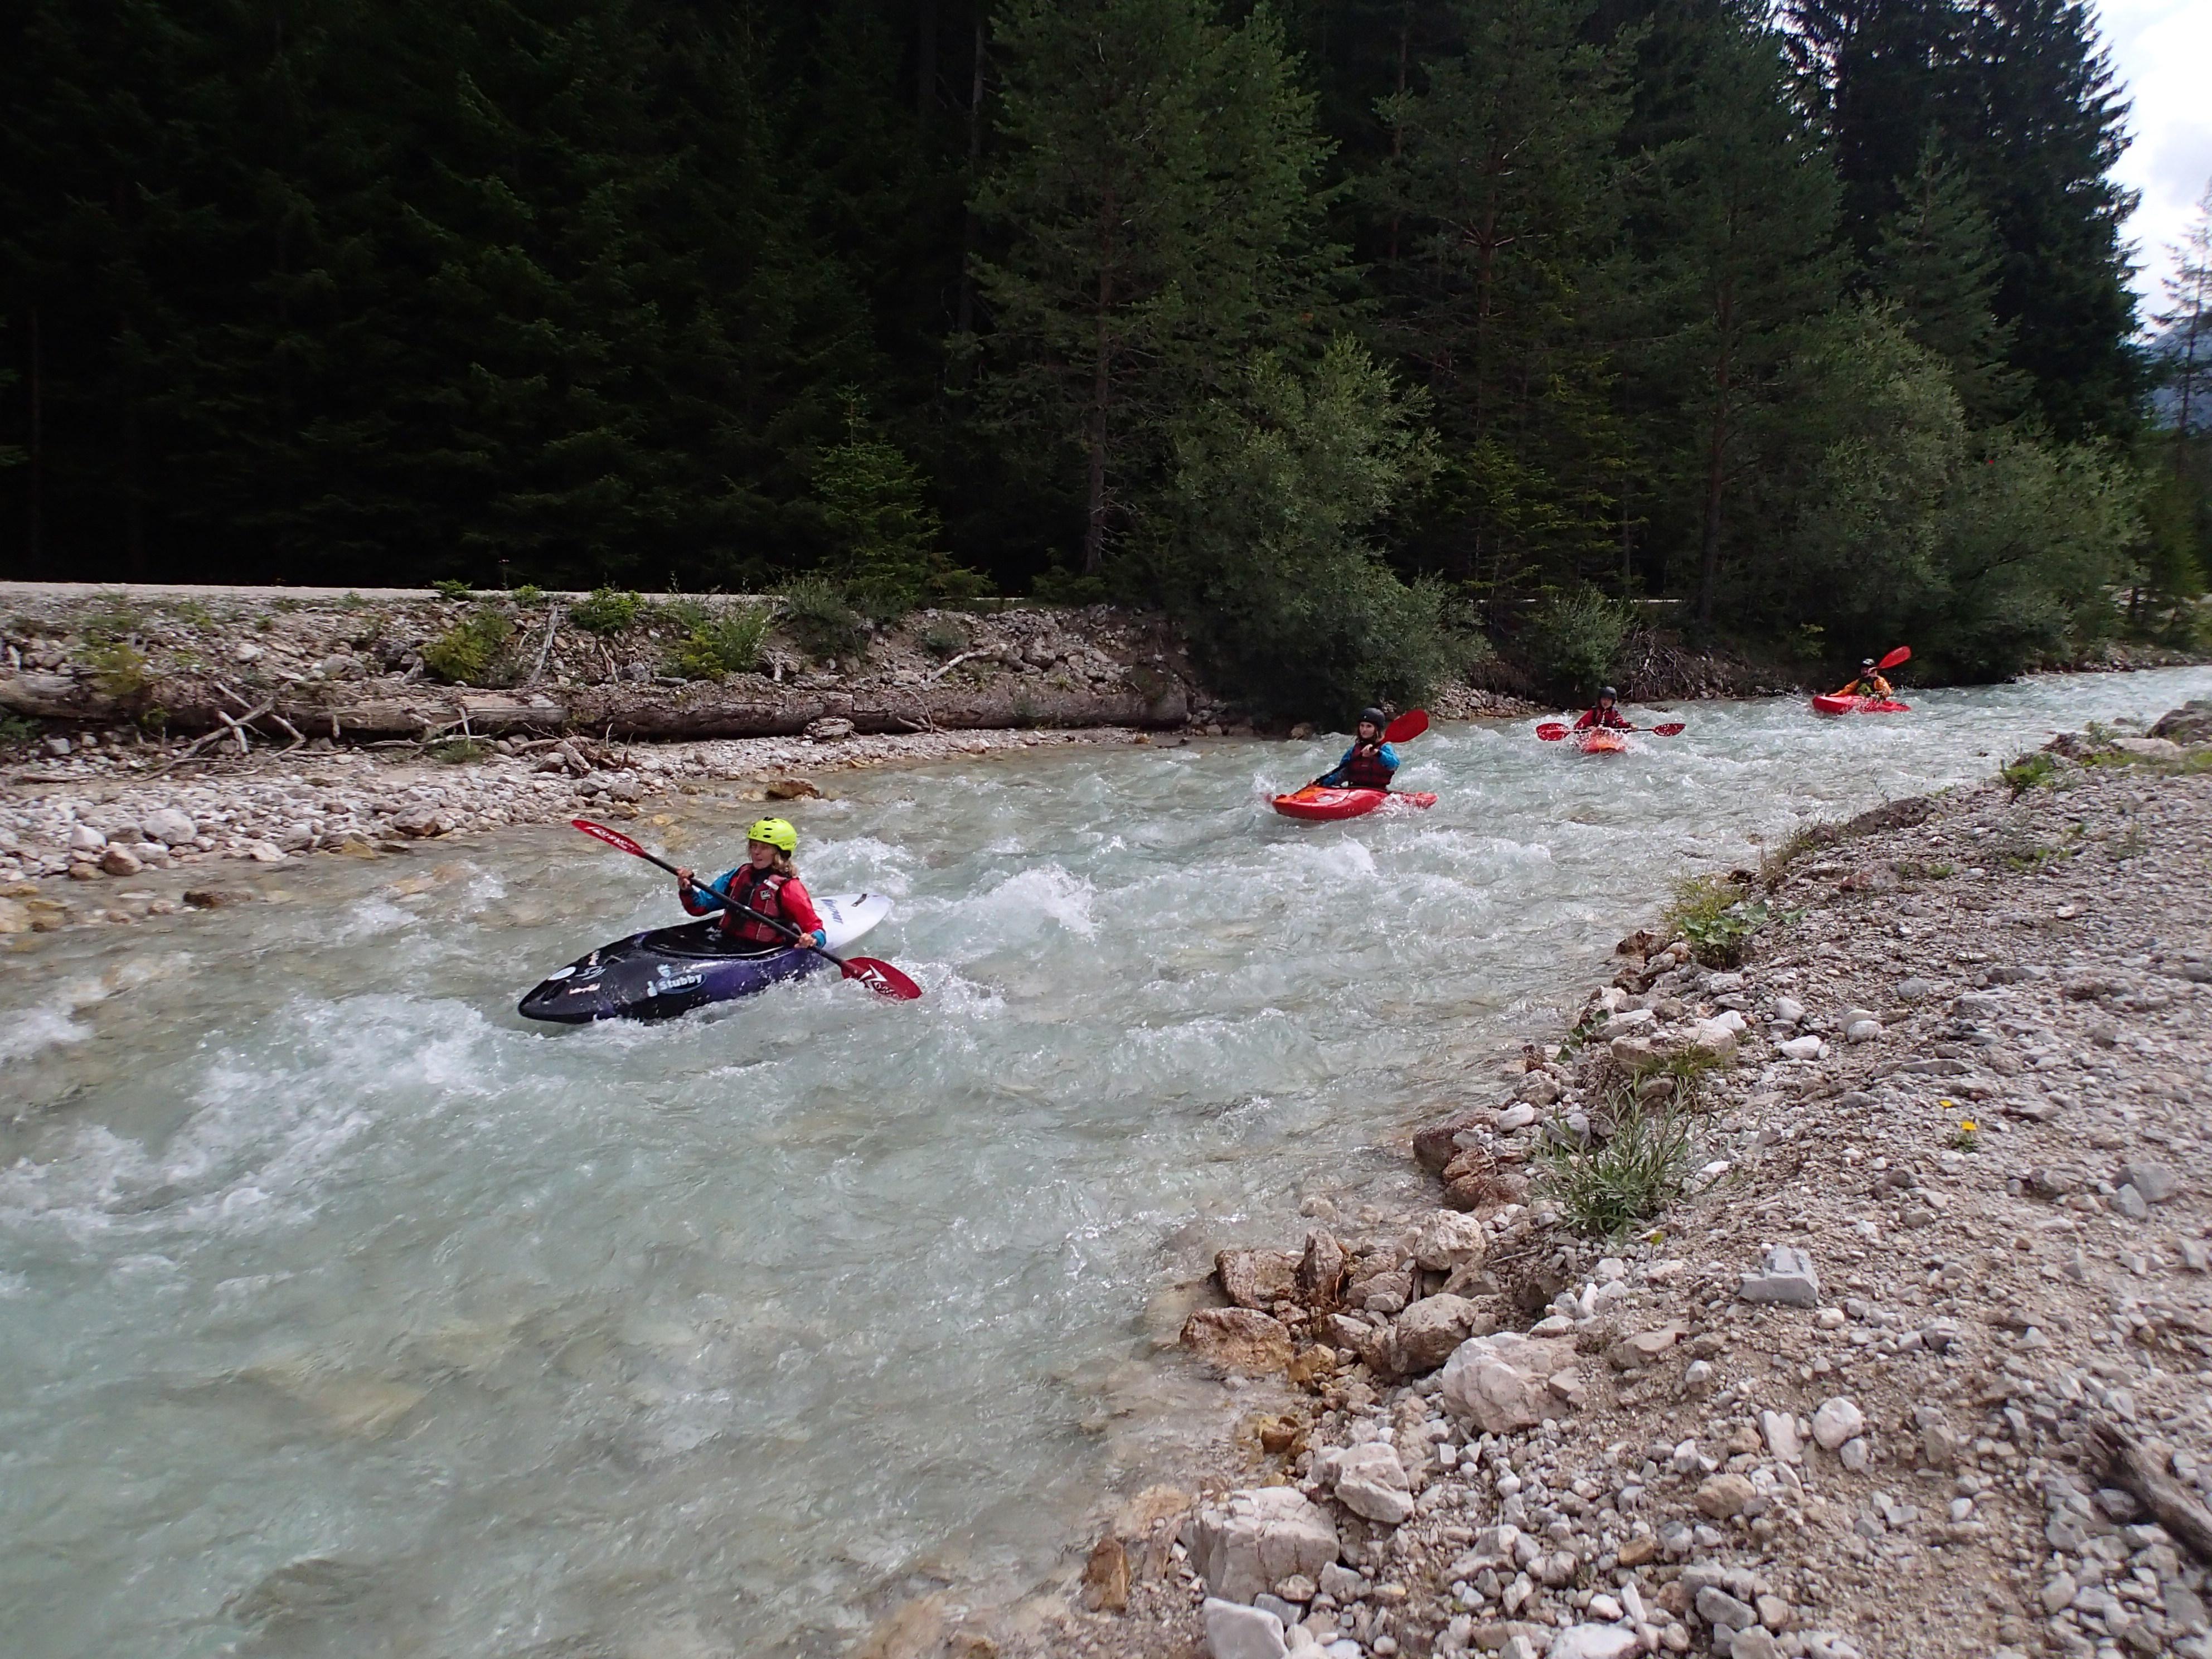 Kajakfahren bei der Jugend-Wildwasser-Woche 2019